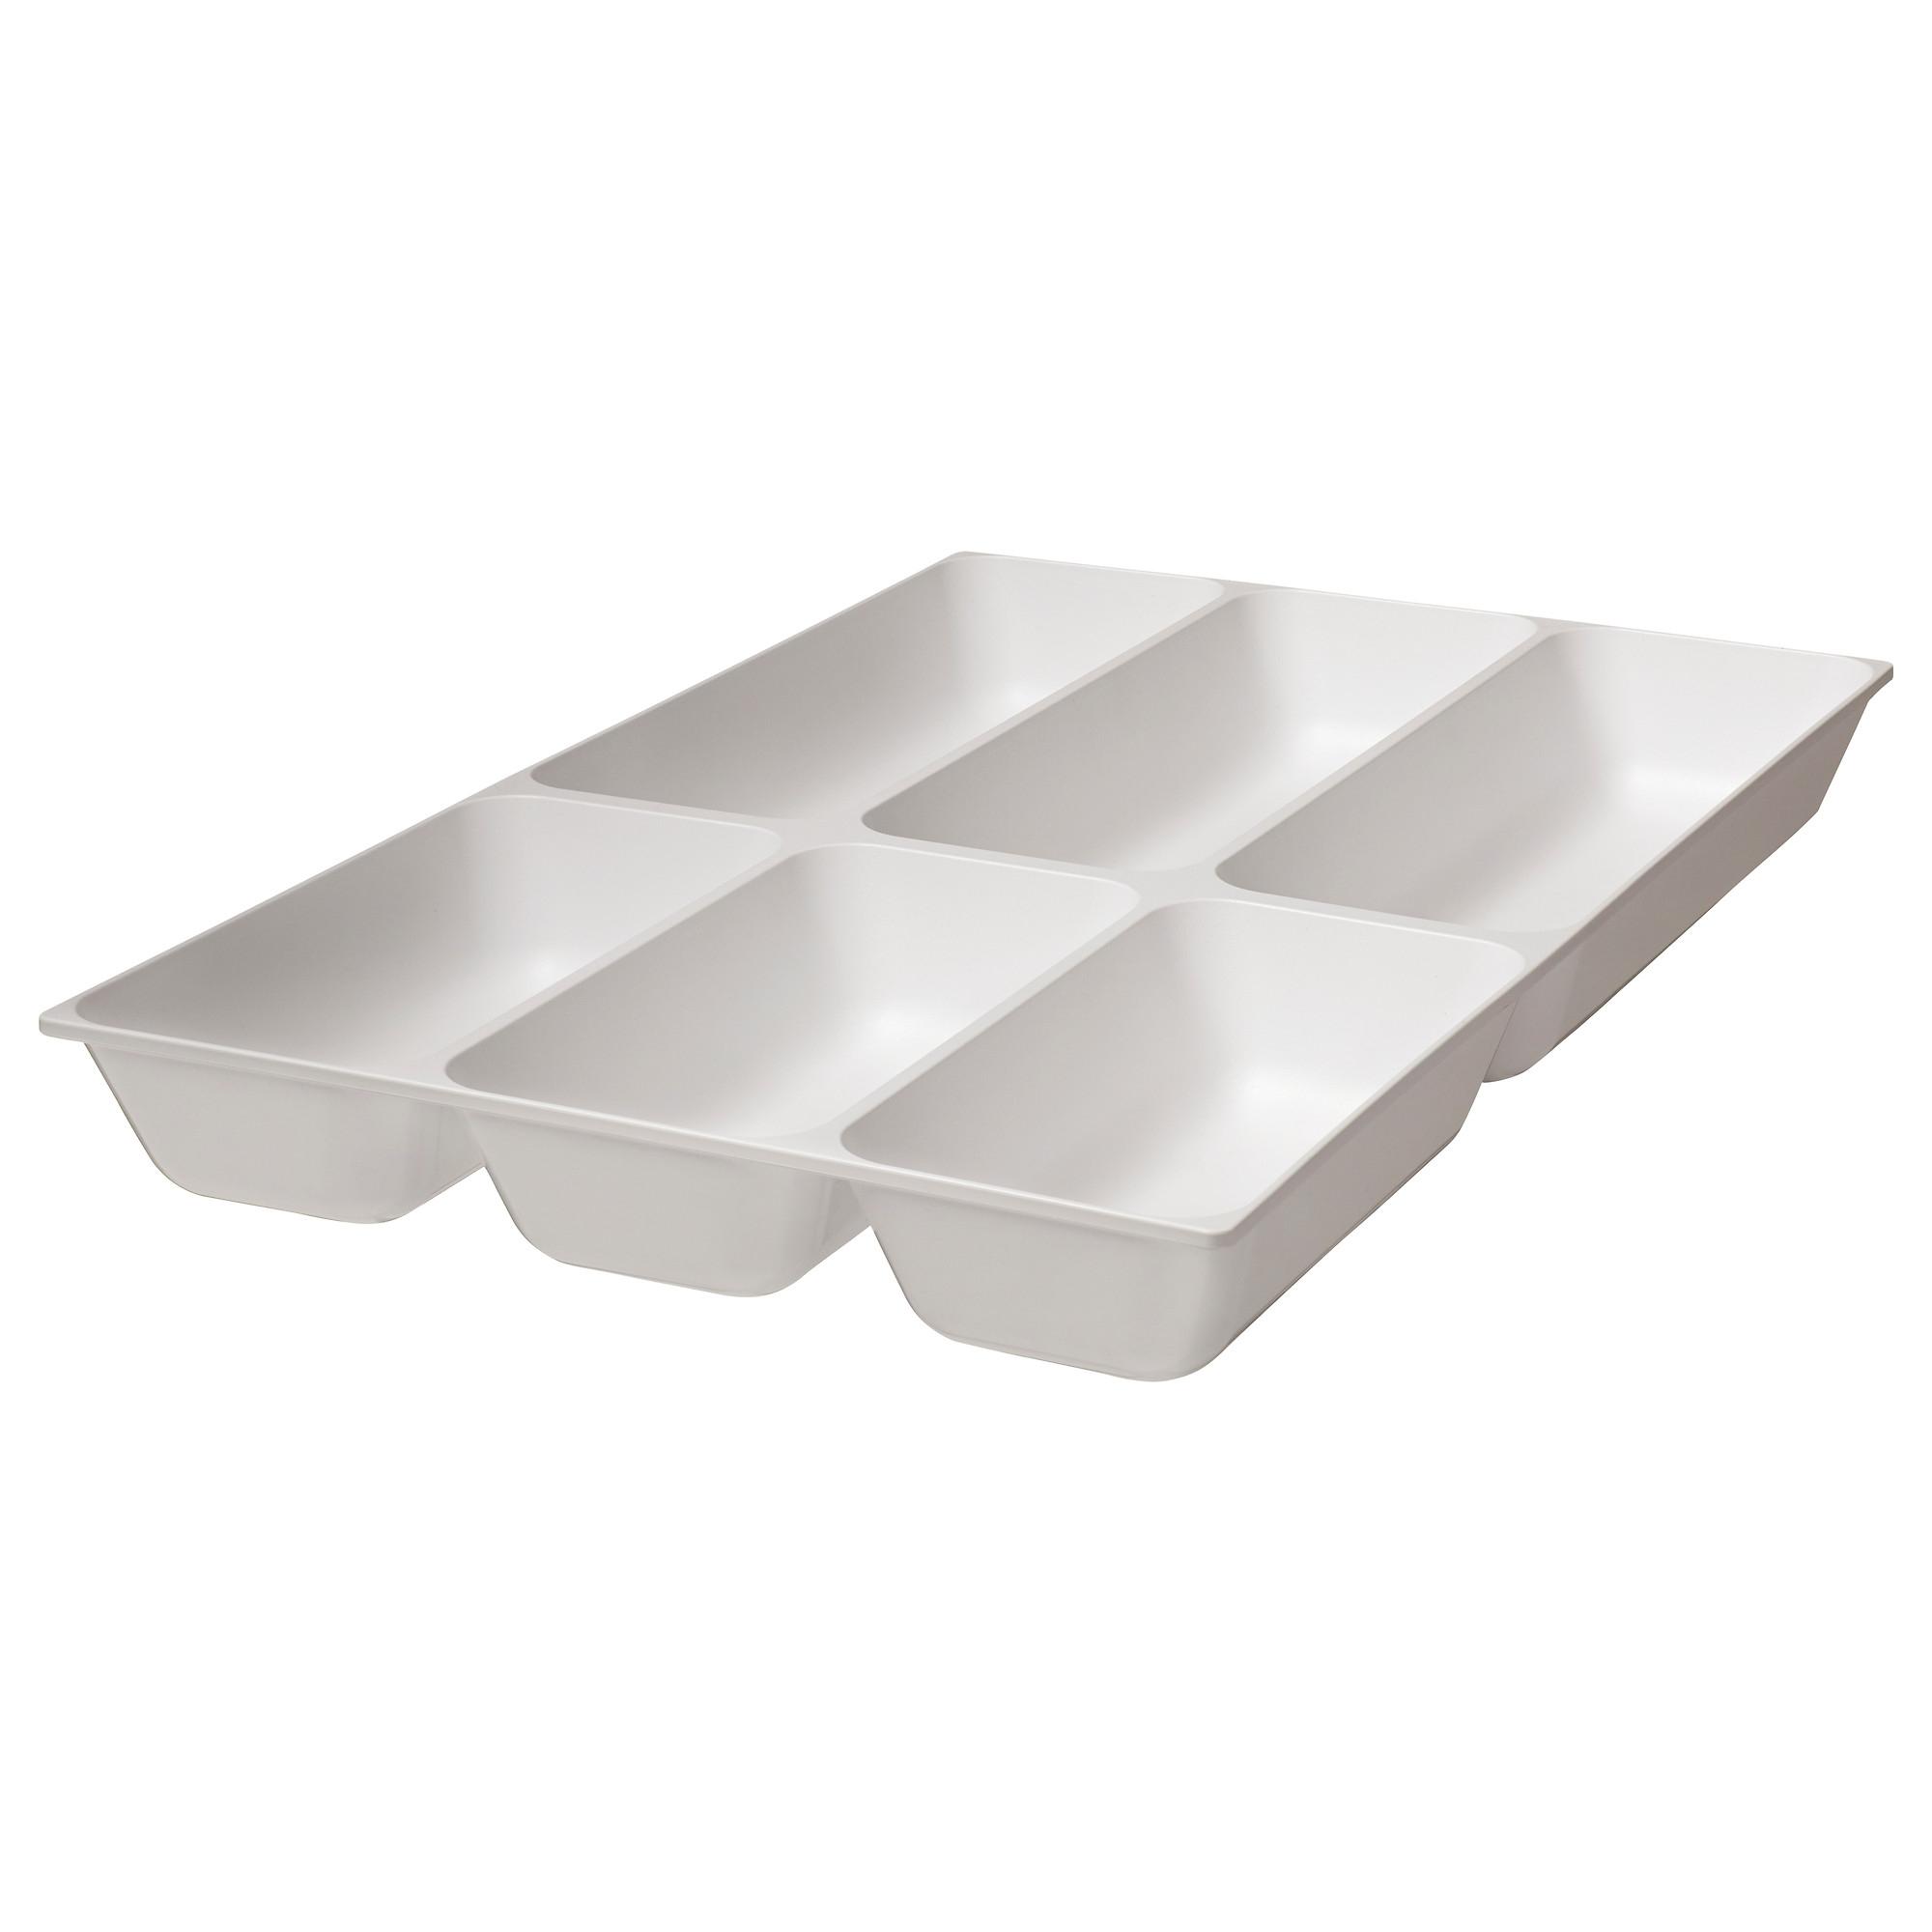 Variera bandeja para cubiertos - Ikea cubiertos cocina ...